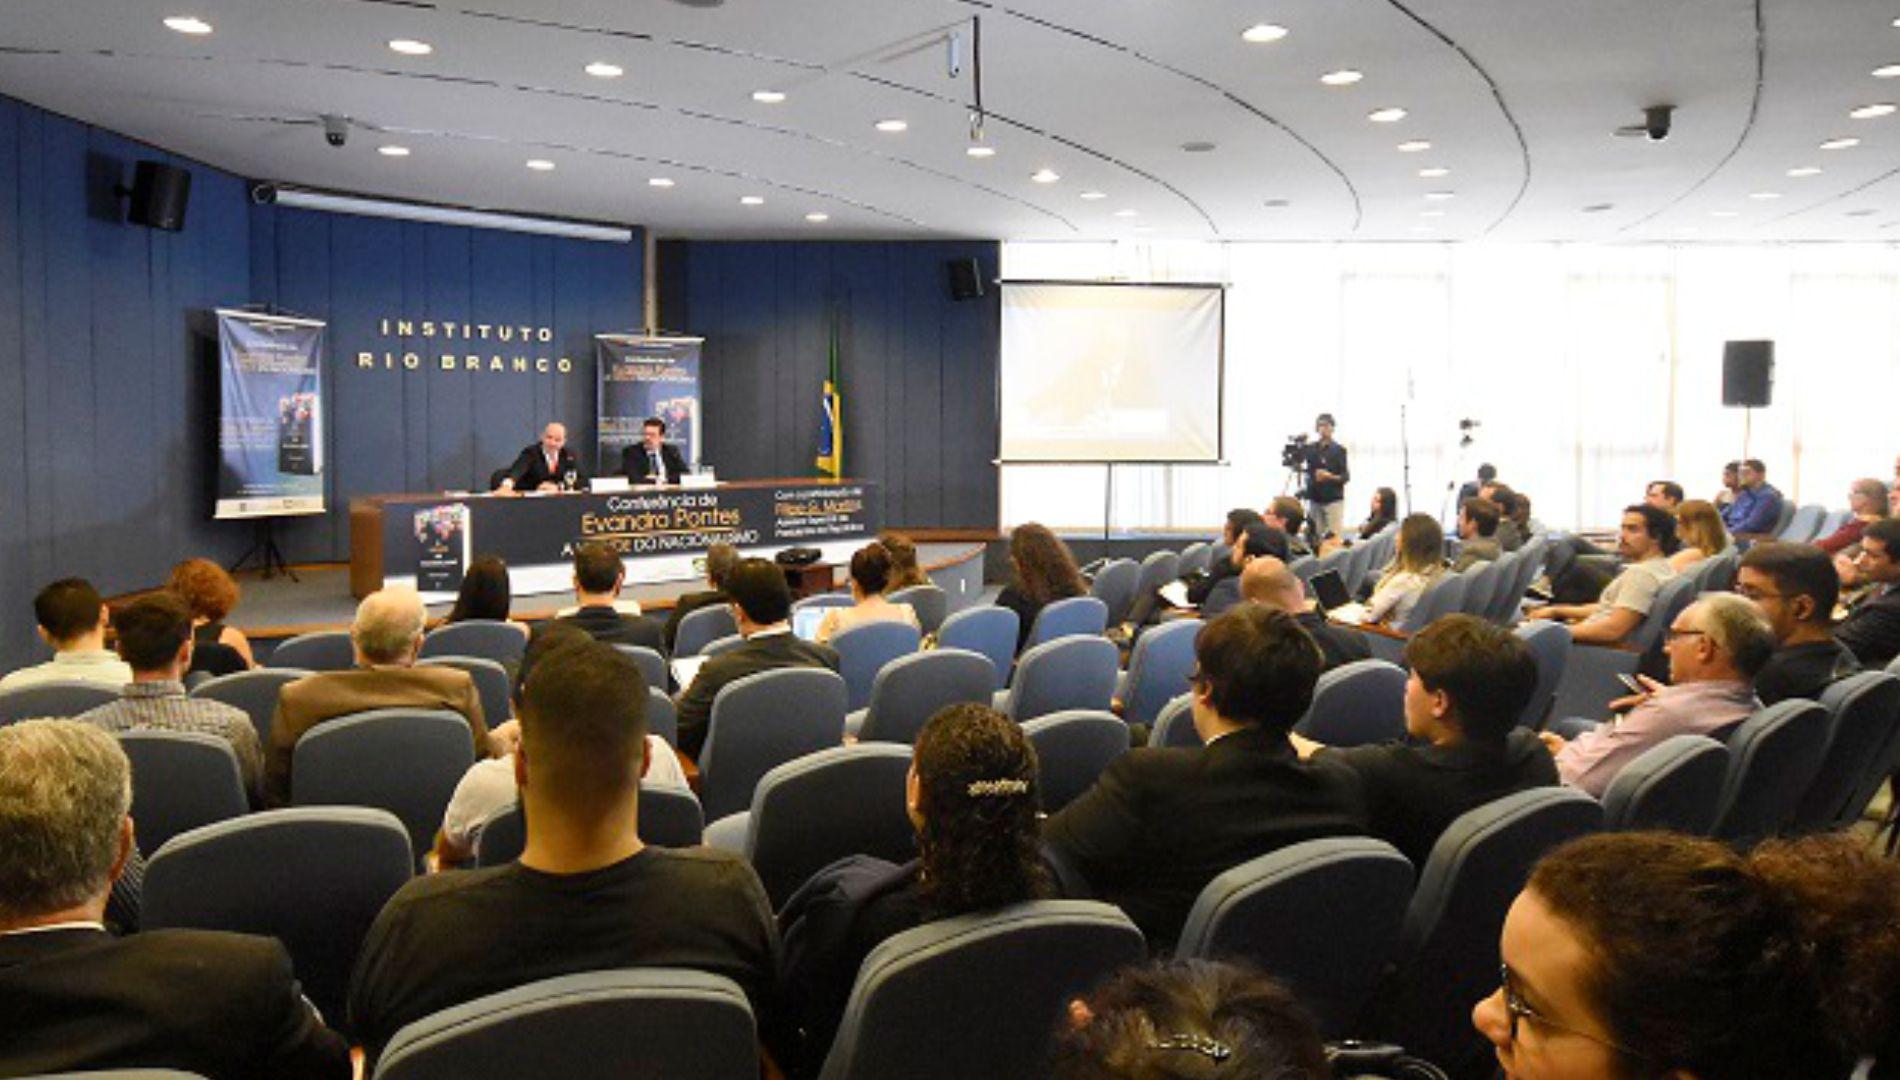 """Assista ao vídeo da conferência do professor Evandro Pontes sobre """"A virtude do nacionalismo"""""""